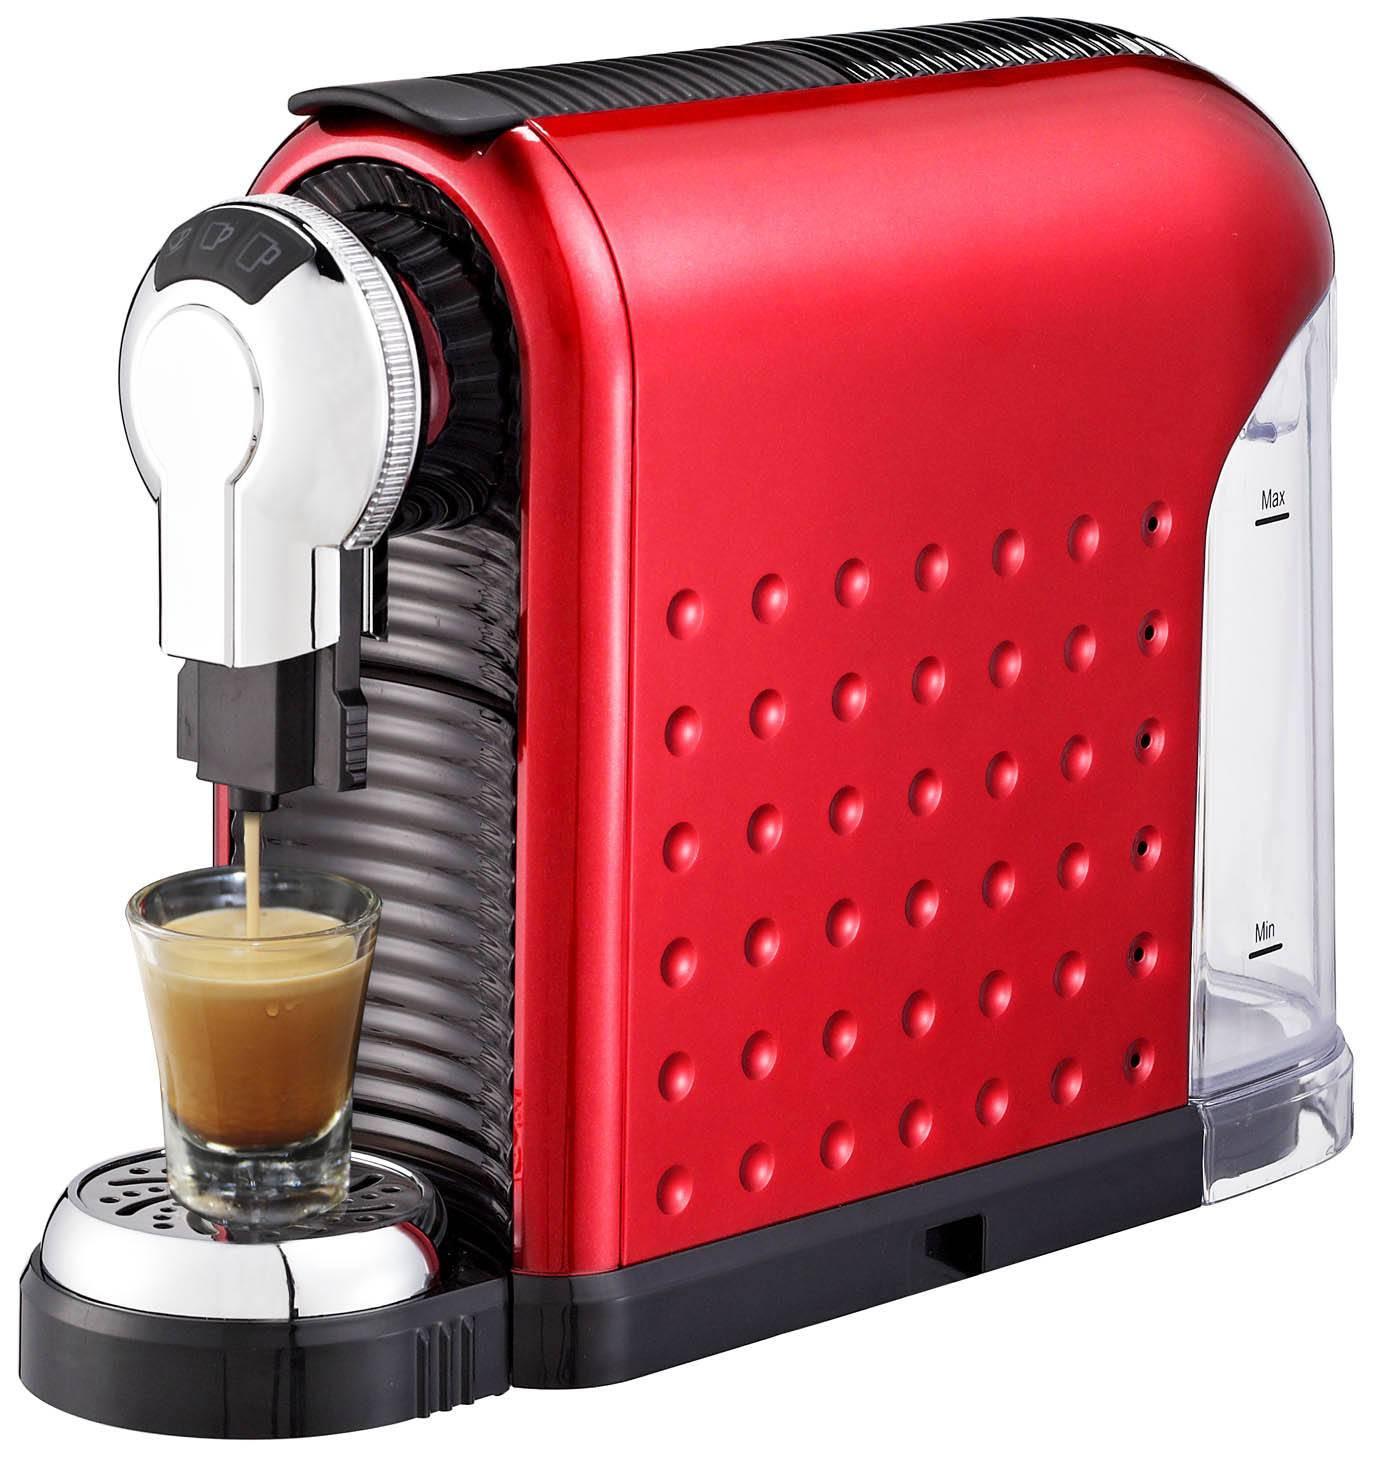 Как почистить кофемашину неспрессо: инструкция очистки в домашних условиях